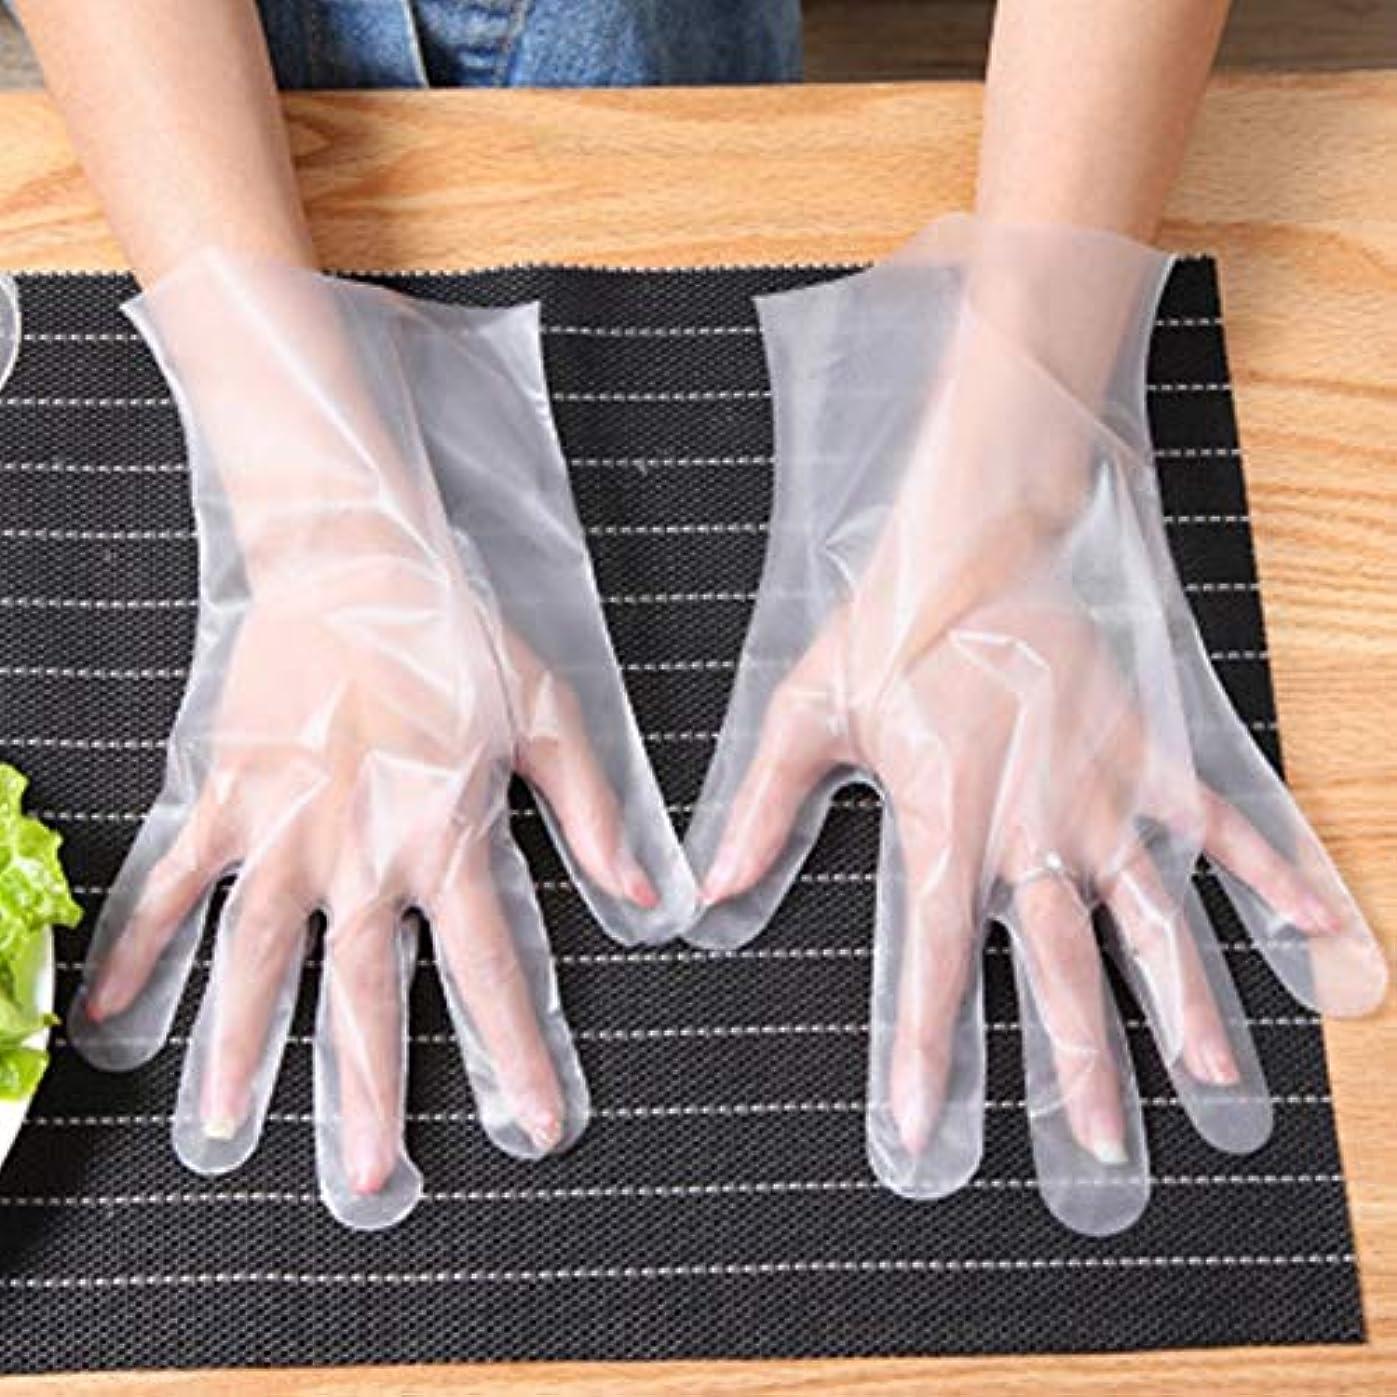 伝統的アプローチ申請中多目的使い捨て手袋 200枚入り プラスチック製 食品準備用手袋 ラテックス不使用 子供の美術工芸や絵画に最適 透明